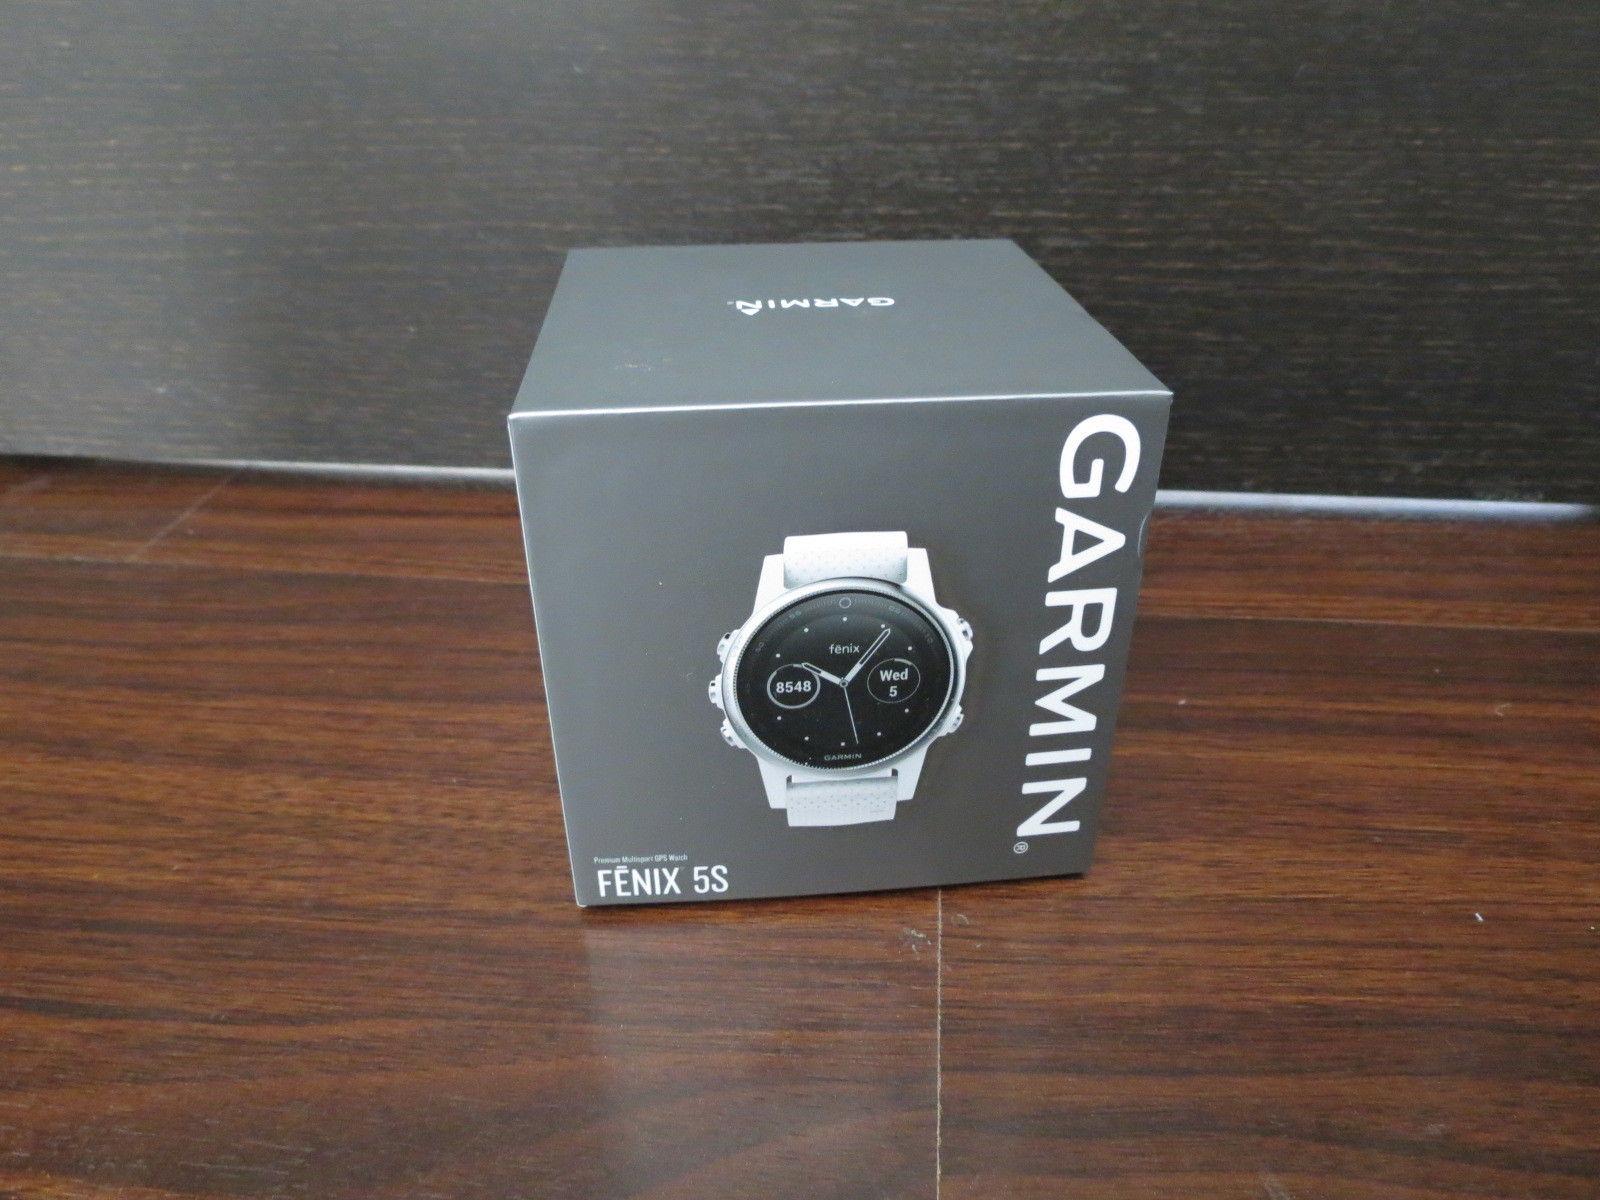 Neu Garmin Fenix 5S Weiß mit Weißem Armband Multisport Uhr - Versand 15 Euro